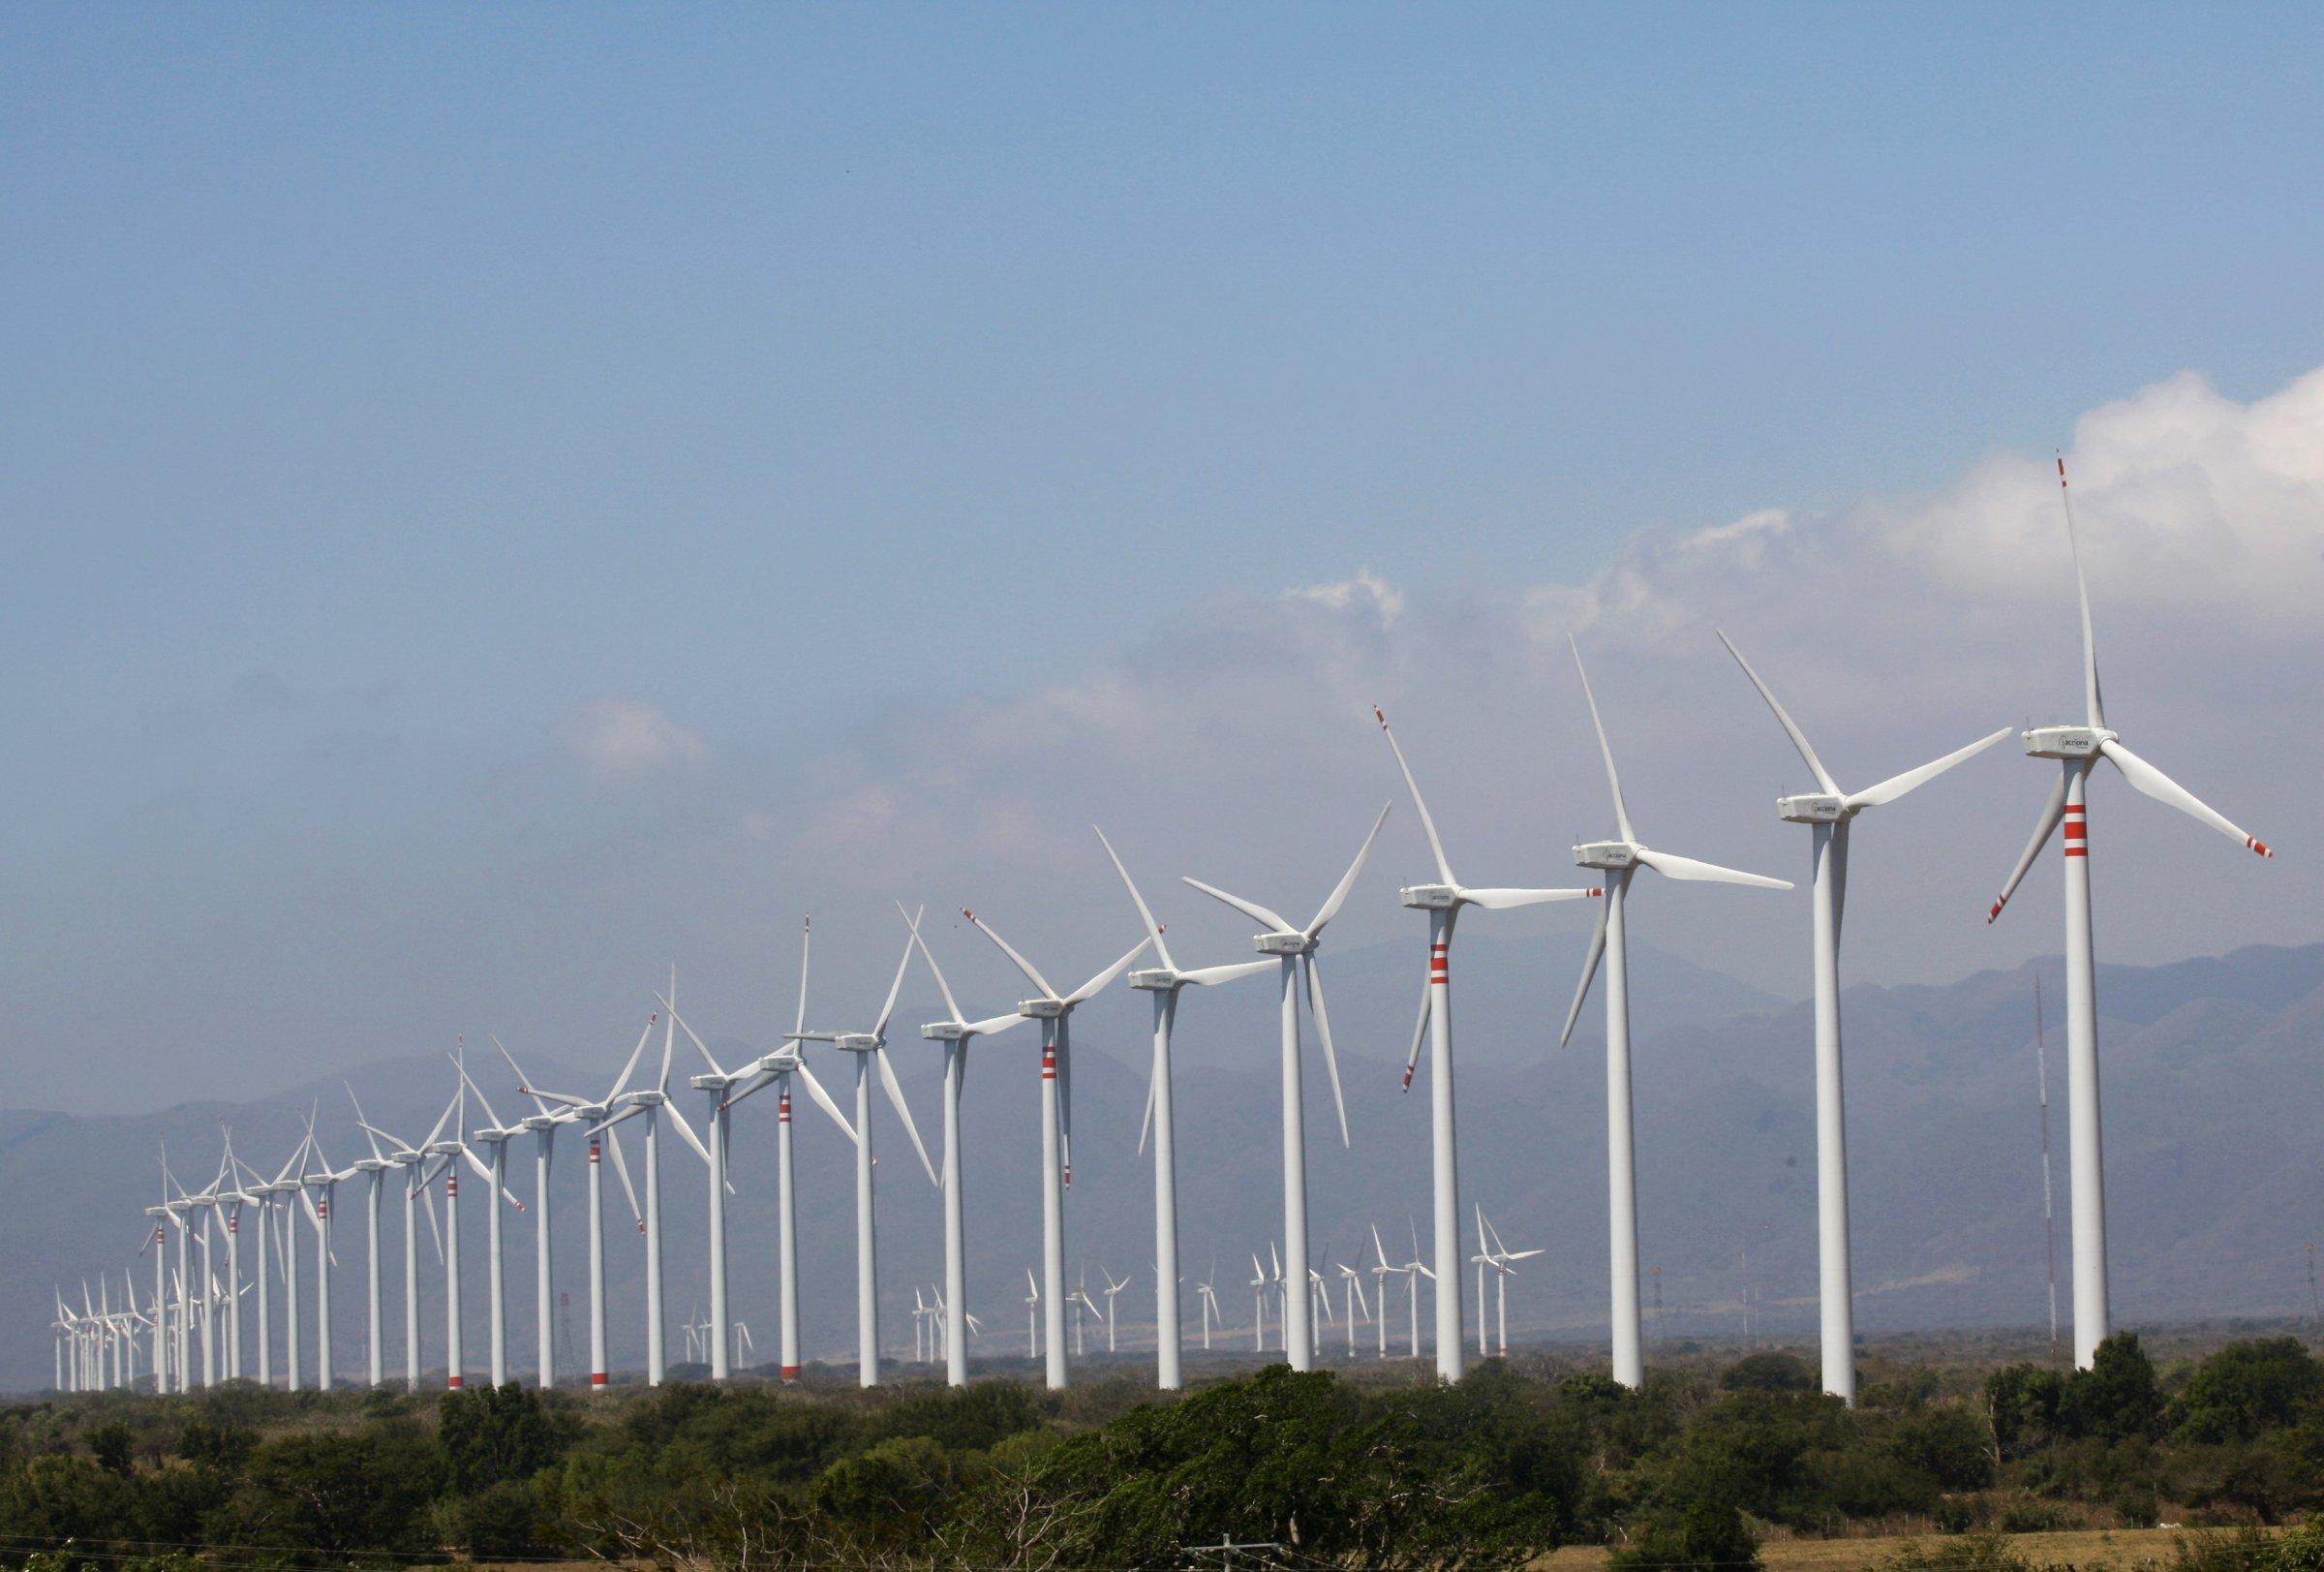 Крупнейшие вмире ветротурбины начали производить электроэнергию в Британии